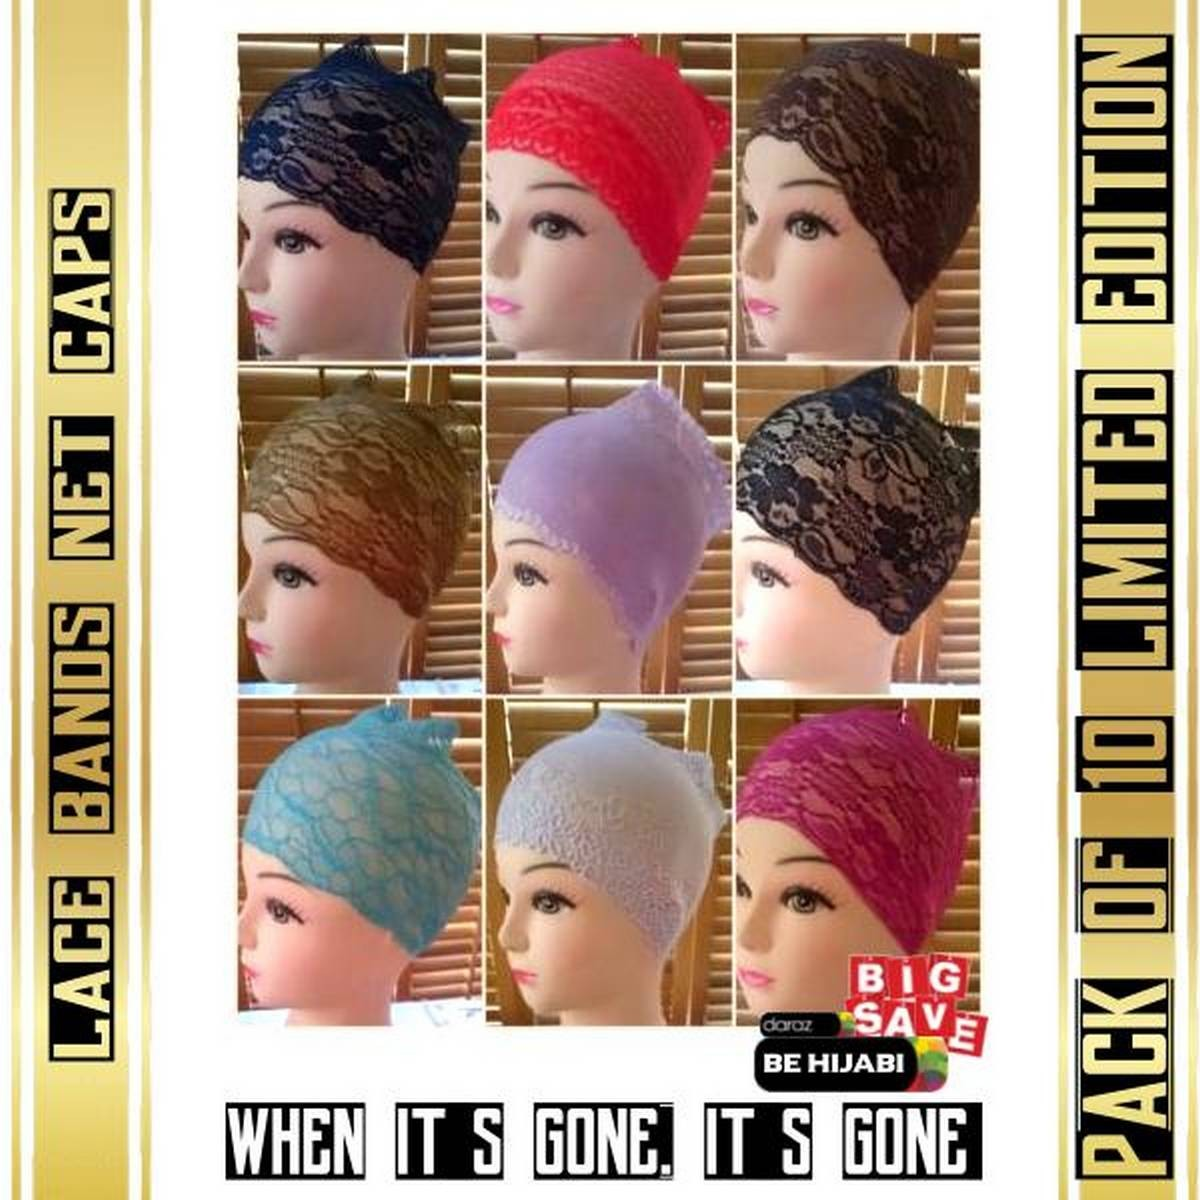 Pack of 10 LADIES LACE BANDS NET - BONNET - BONE - CAP HIJAB UNDER SCARF Arab Cap Fashion